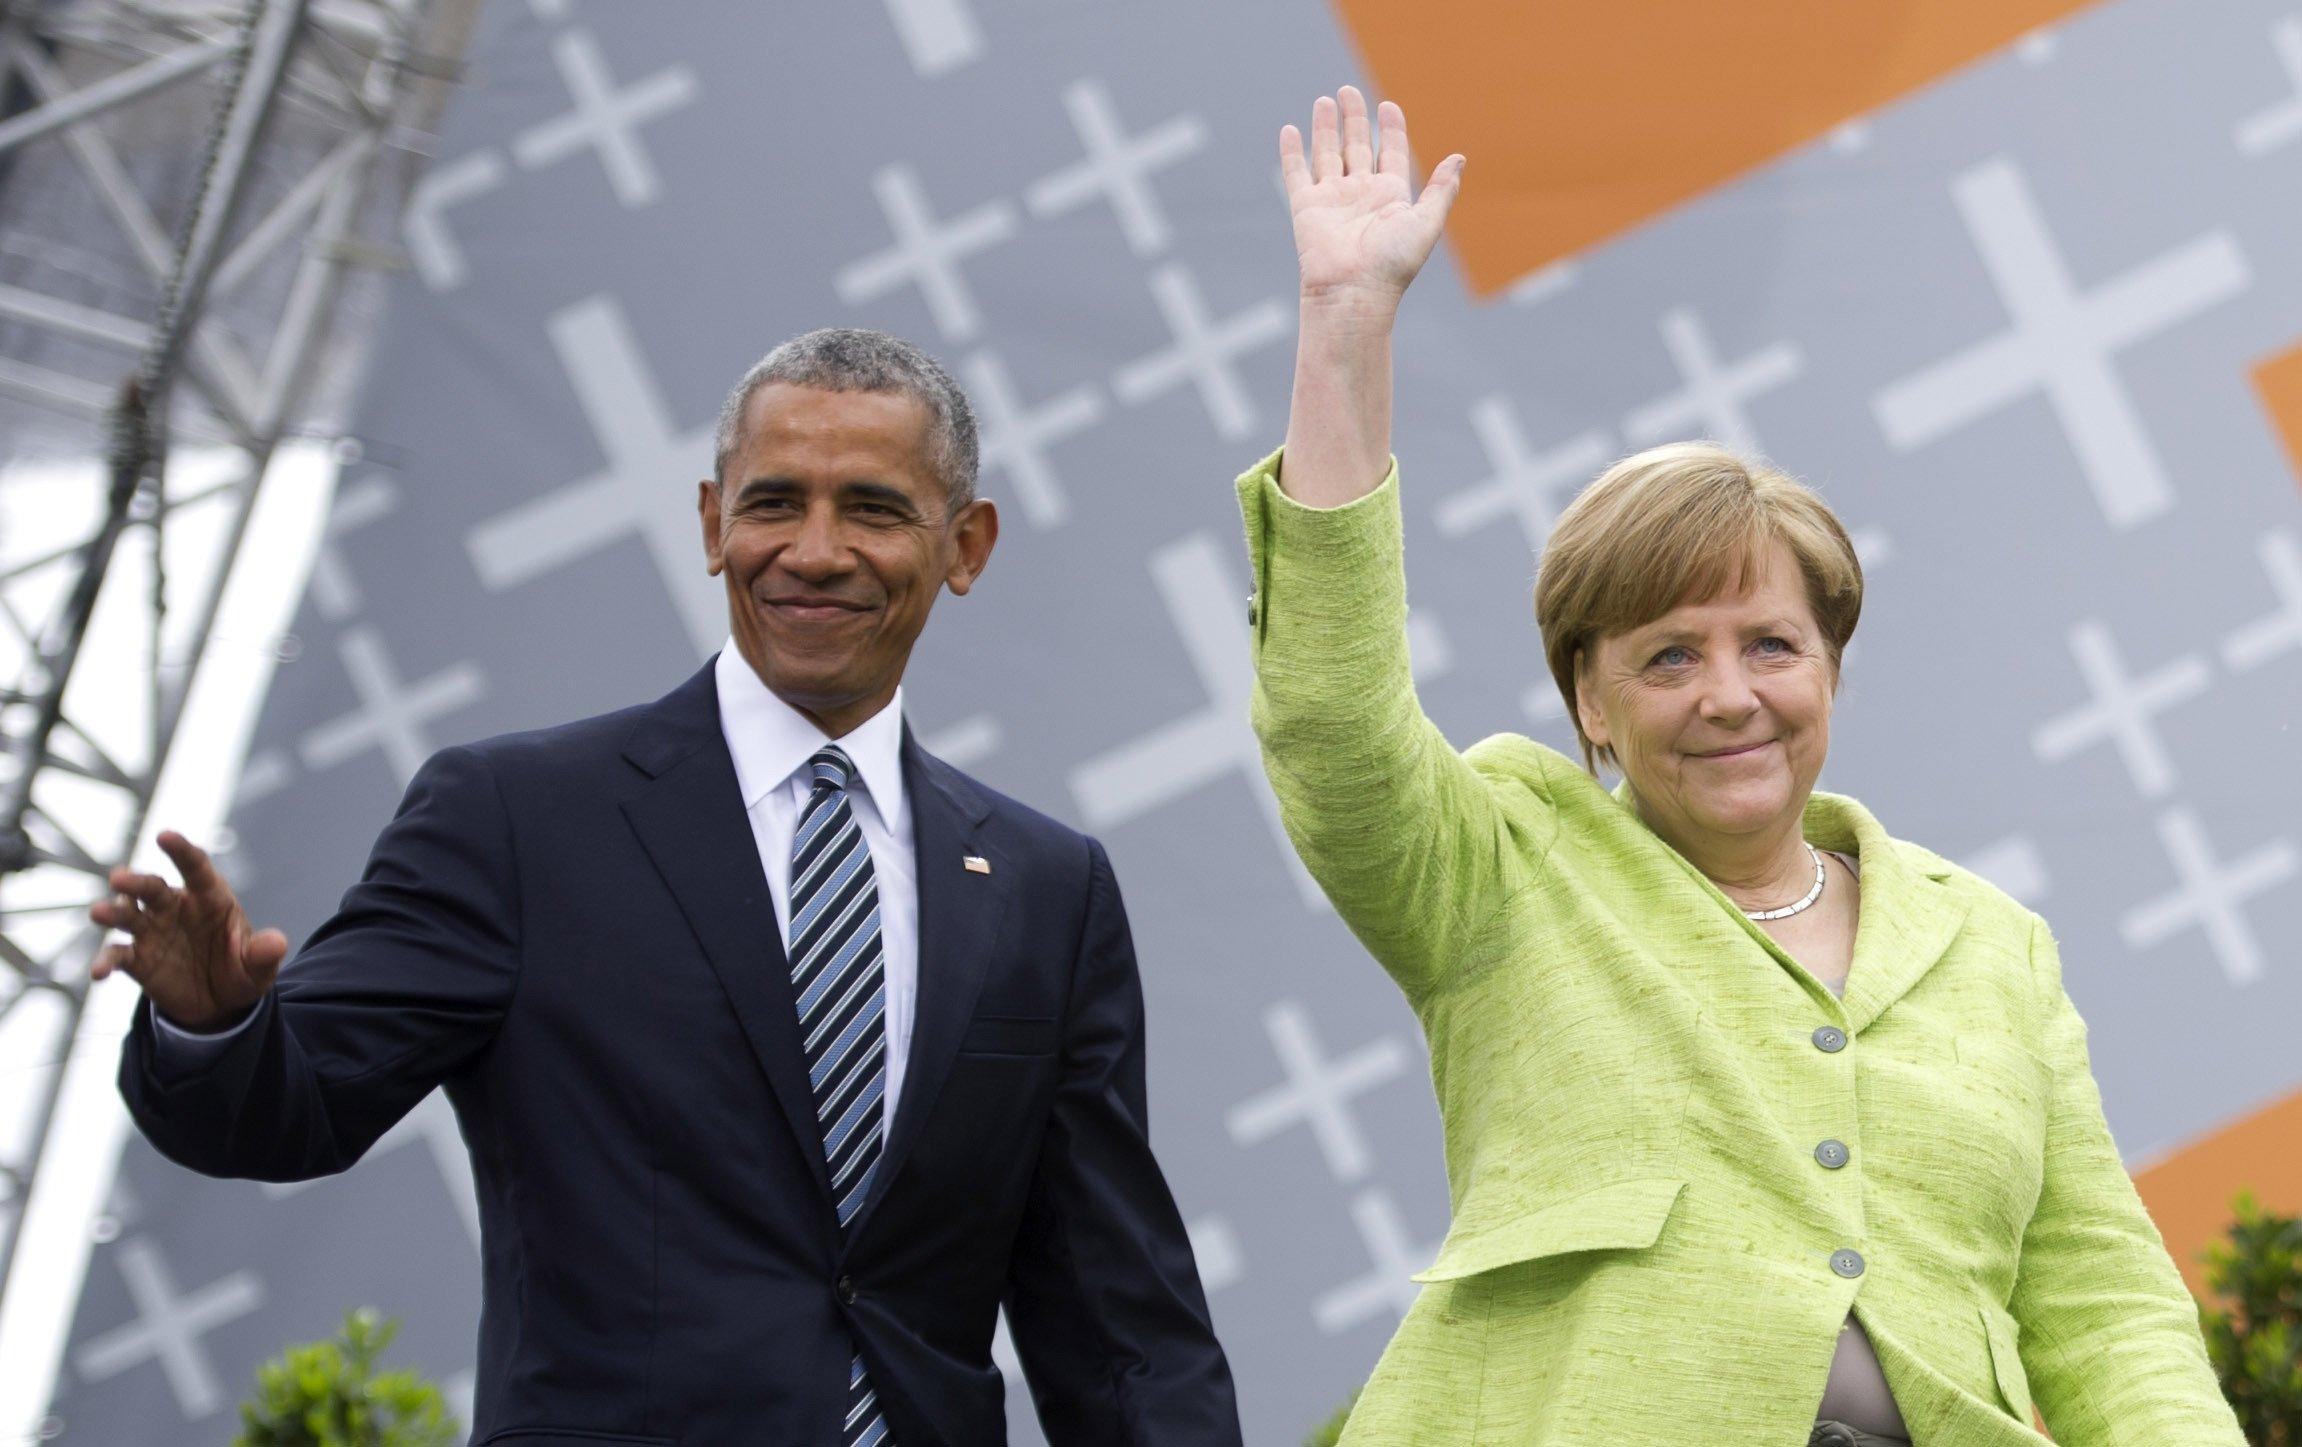 Канцлер Німеччини Ангела Меркель та колишній президент США Барак Обама приїжджають, щоб обговорити питання демократії в церкві конгресу в Берліні, Німеччина, 25 травня 2017 р. (Фото Getty Images)